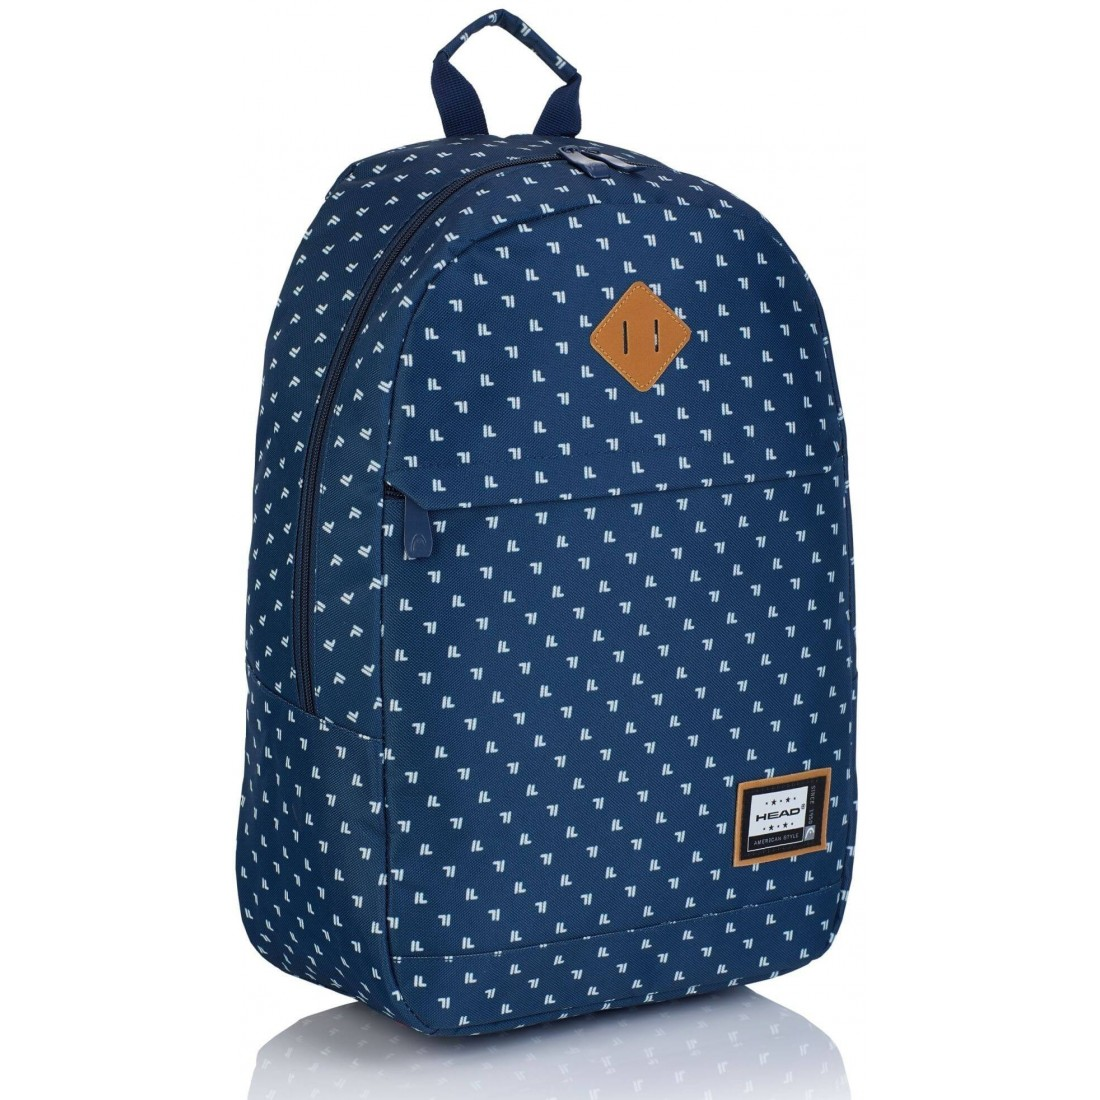 Plecak miejski dla nastolatki Head HD-361 G granatowy w białe kropki - plecak-tornister.pl